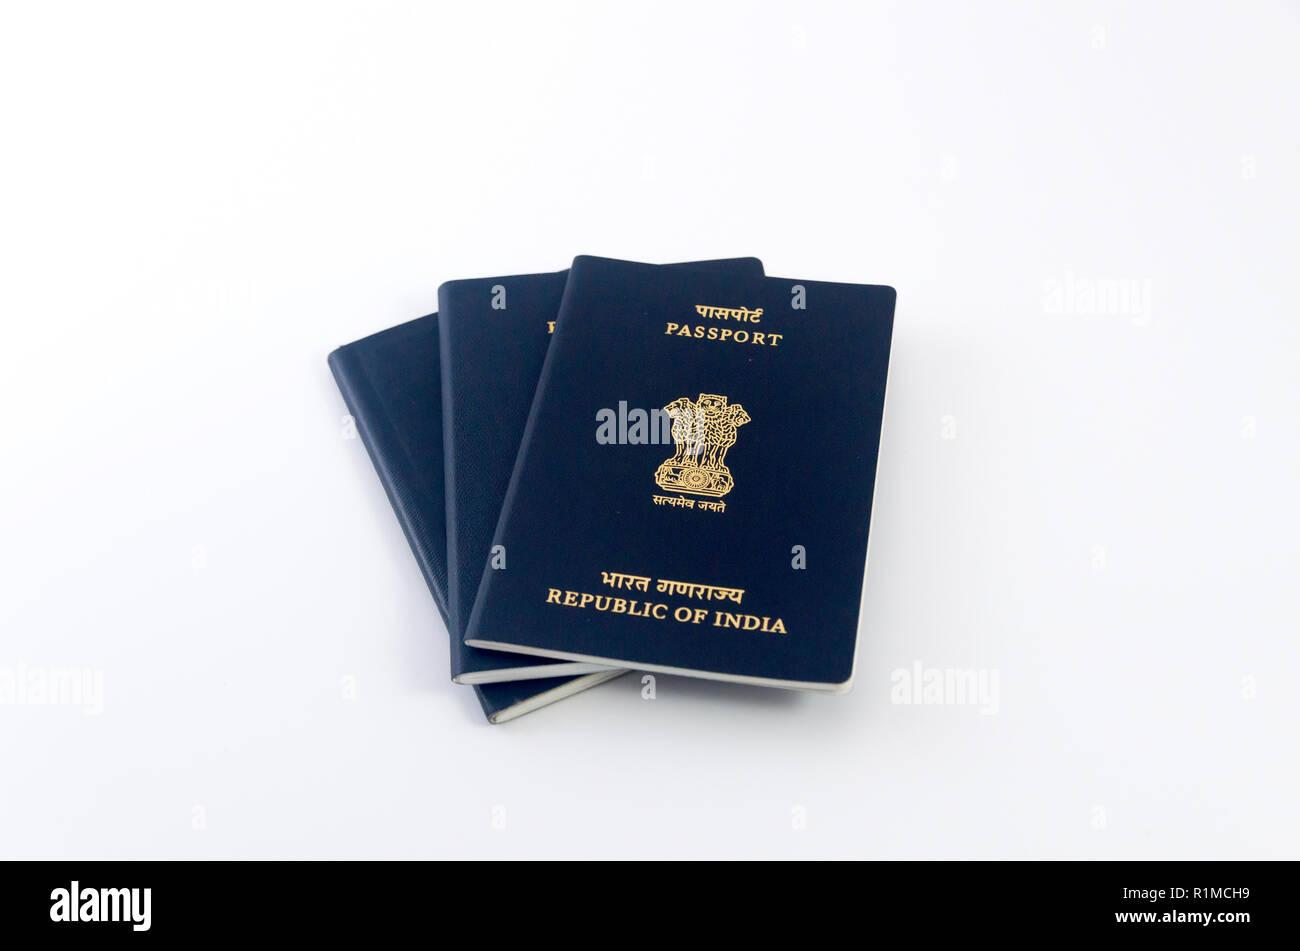 Tre Passaporti Indiano Con Sfondo Bianco Foto Immagine Stock